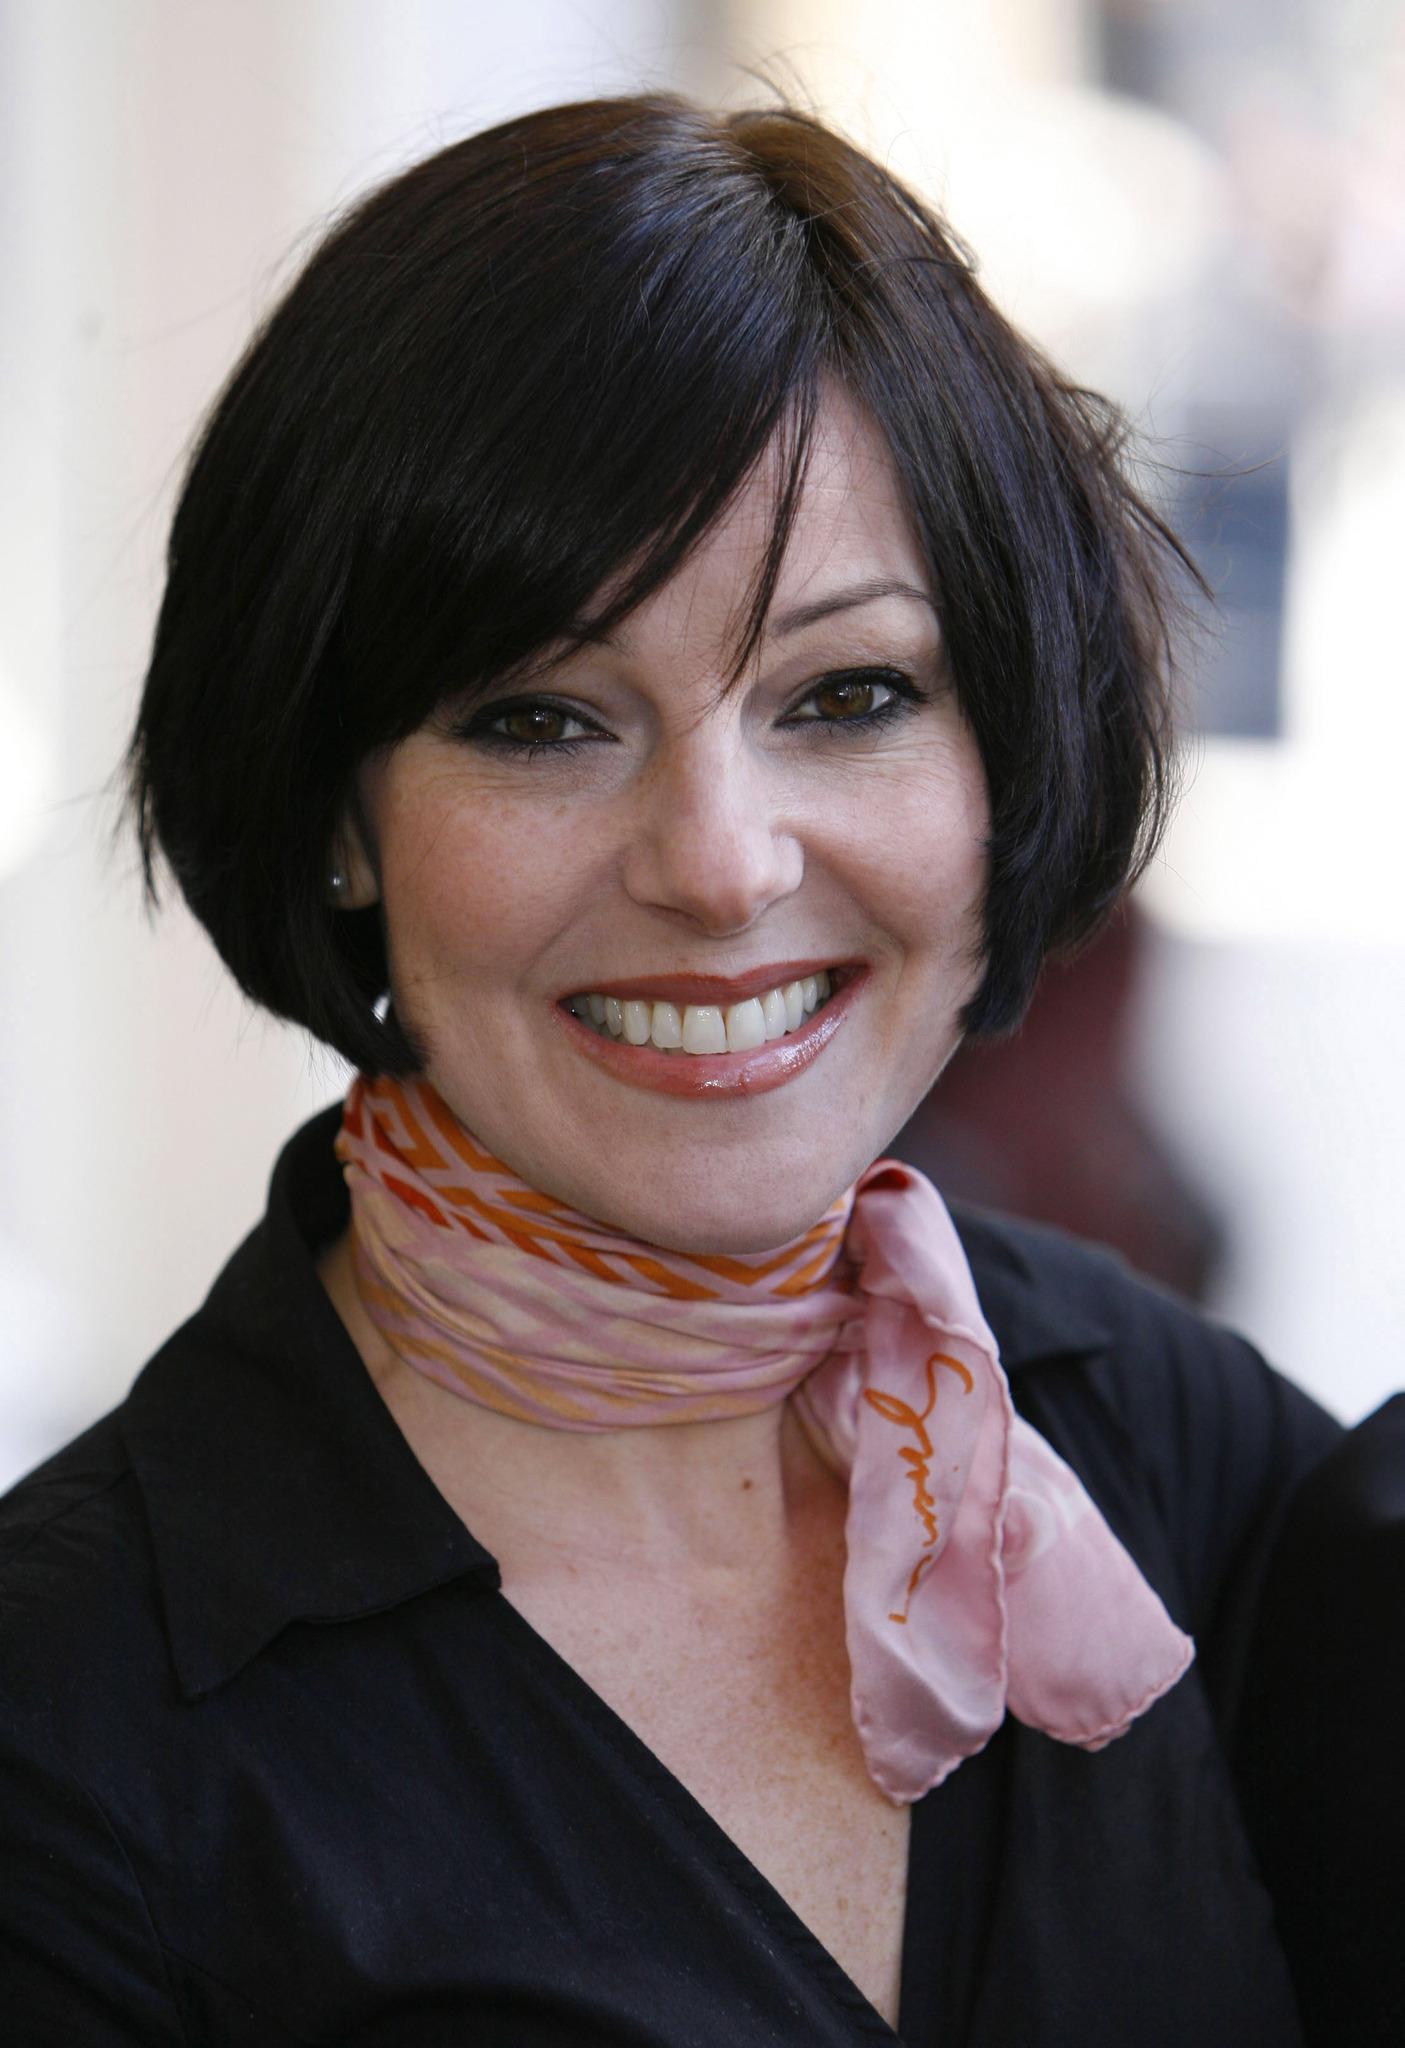 Ruthie Henshall (born 1967)